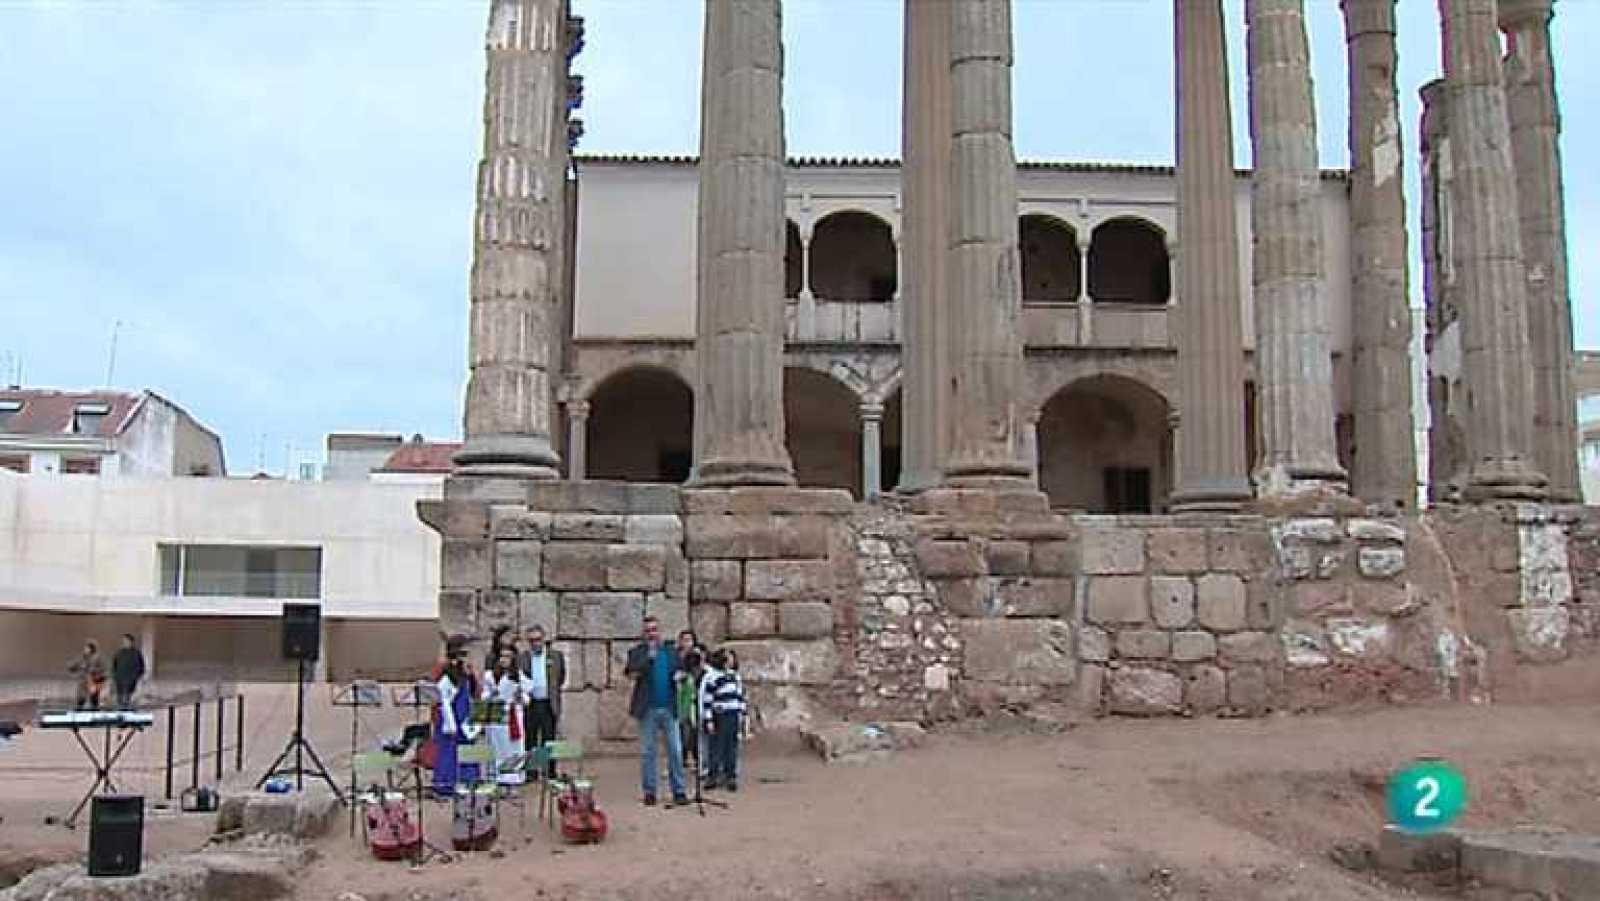 España en comunidad - Pueblos abandonados - Ver ahora